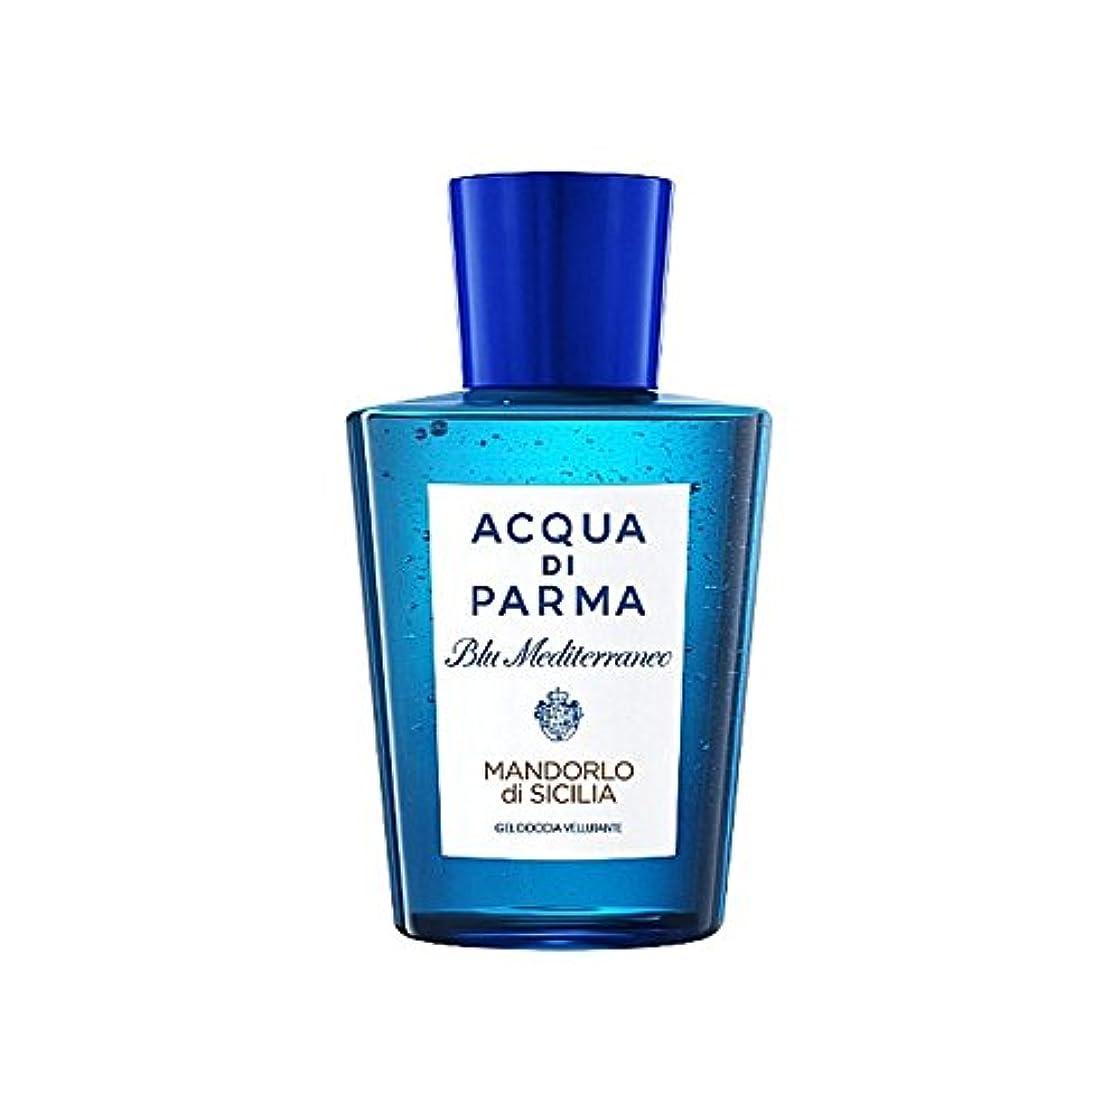 パブタフテーブルを設定するAcqua Di Parma Blu Mediterraneo Mandorlo Di Sicilia Shower Gel 200ml - アクアディパルマブルーメディマンドルロディシチリアシャワージェル200 [並行輸入品]